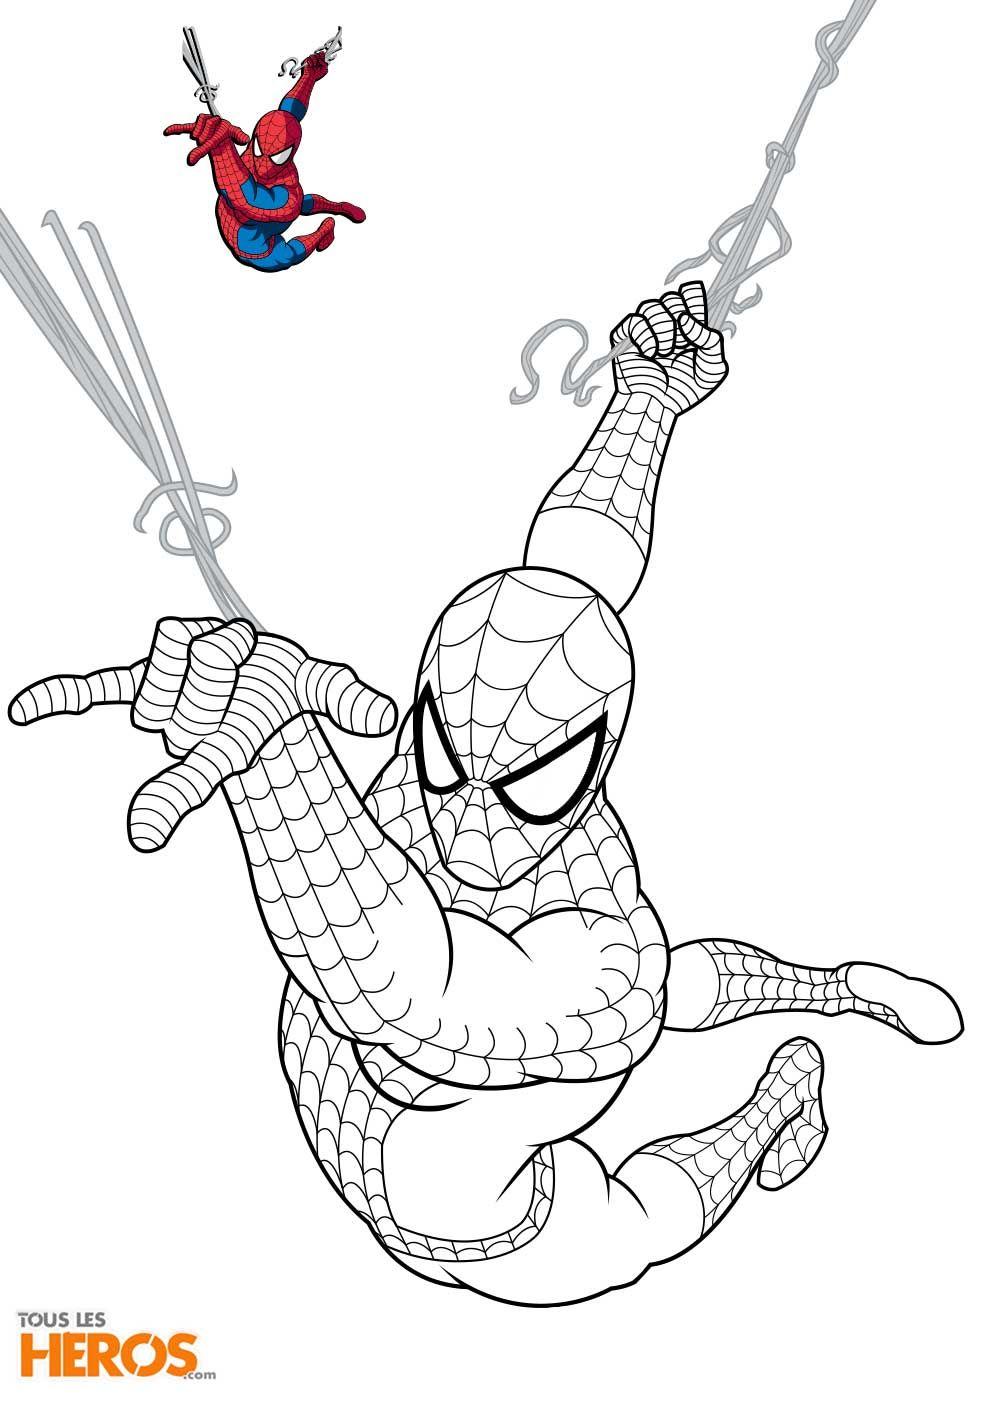 Coloriage spiderman, Coloriage batman, Coloriage à imprimer gratuit